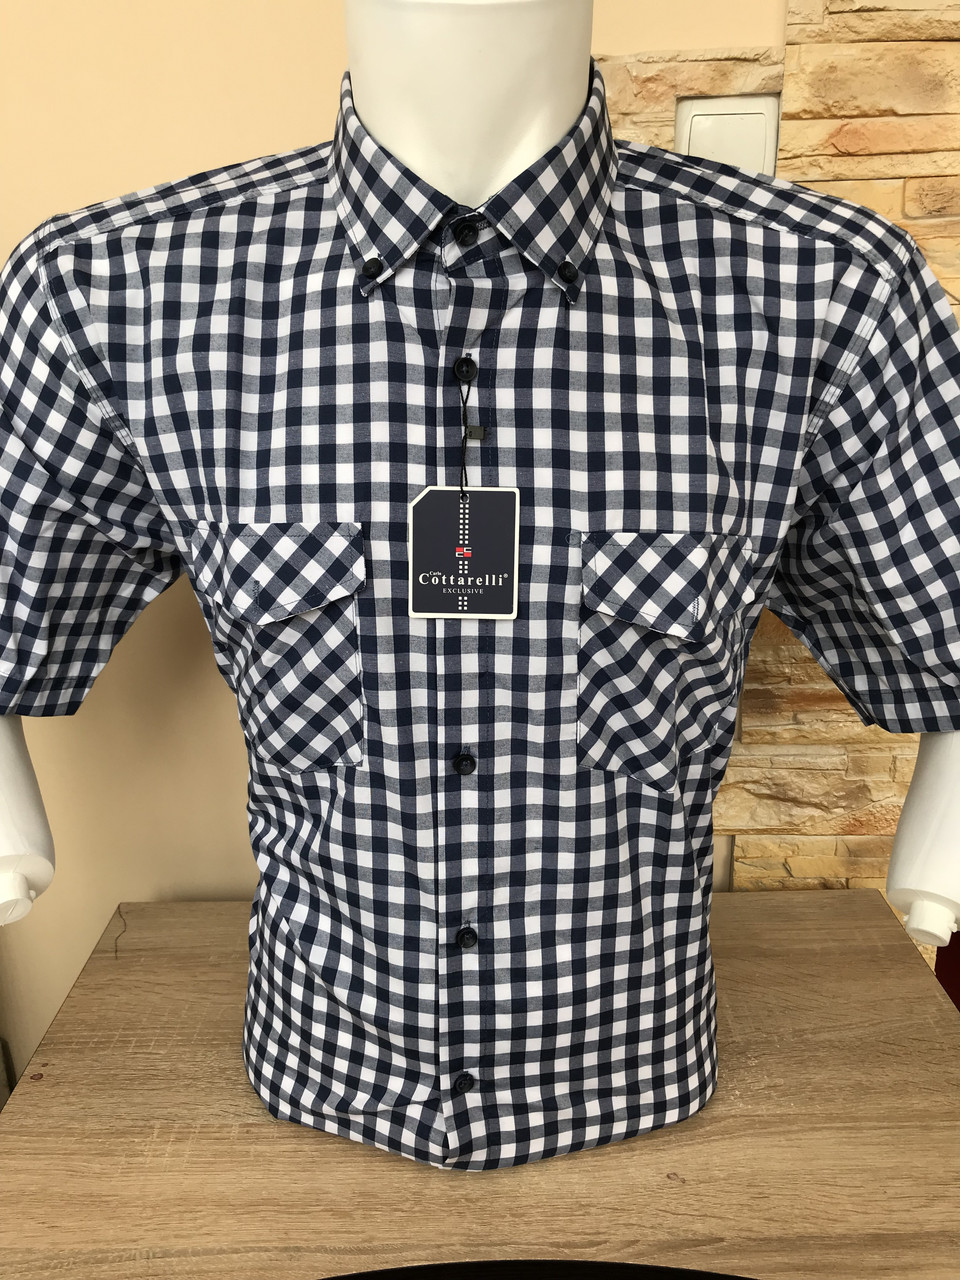 Рубашка  коттон Cottarelli с коротким рукавом